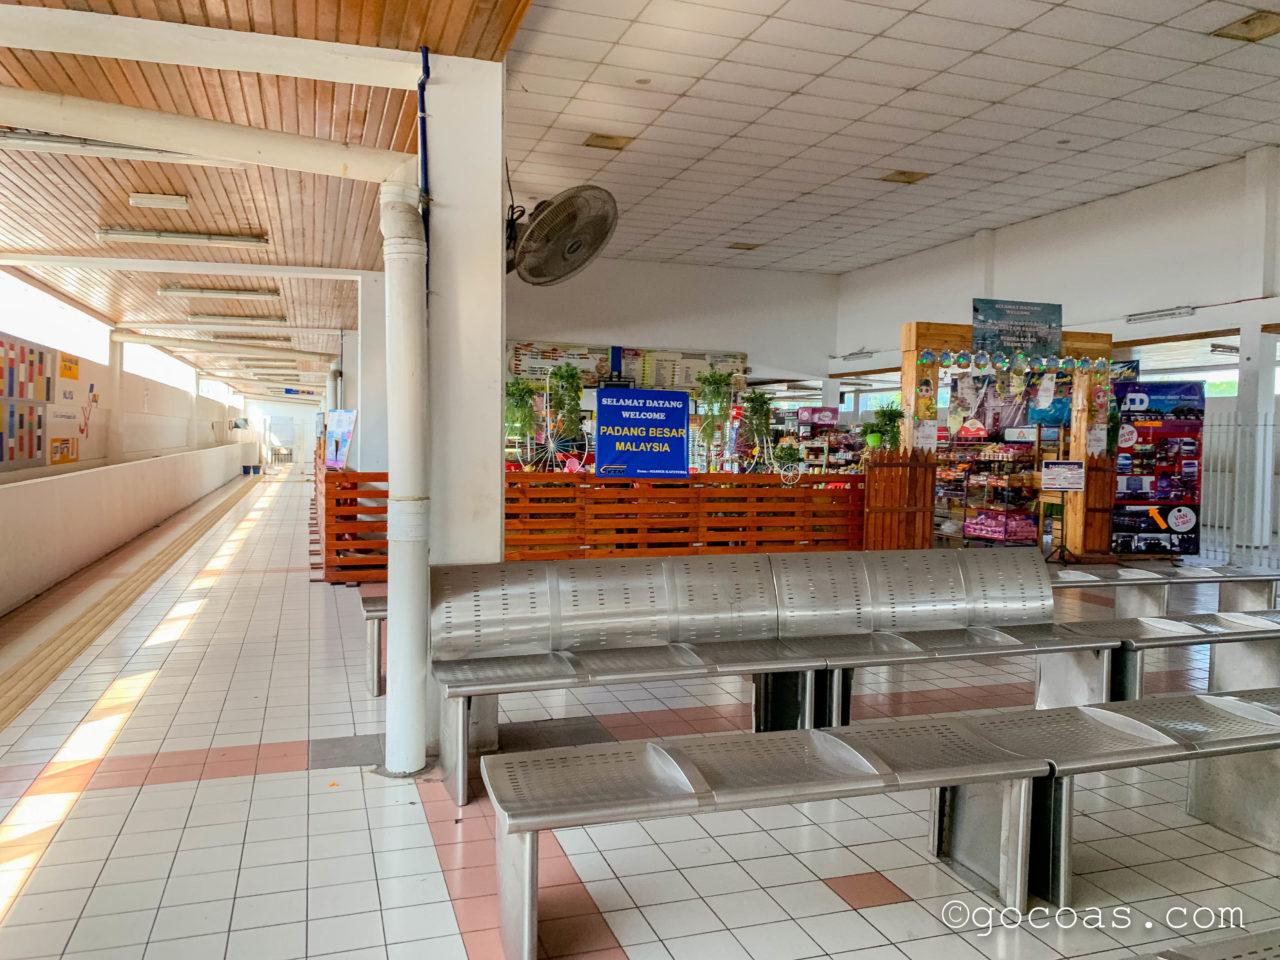 Padang Besar駅の待合スペース